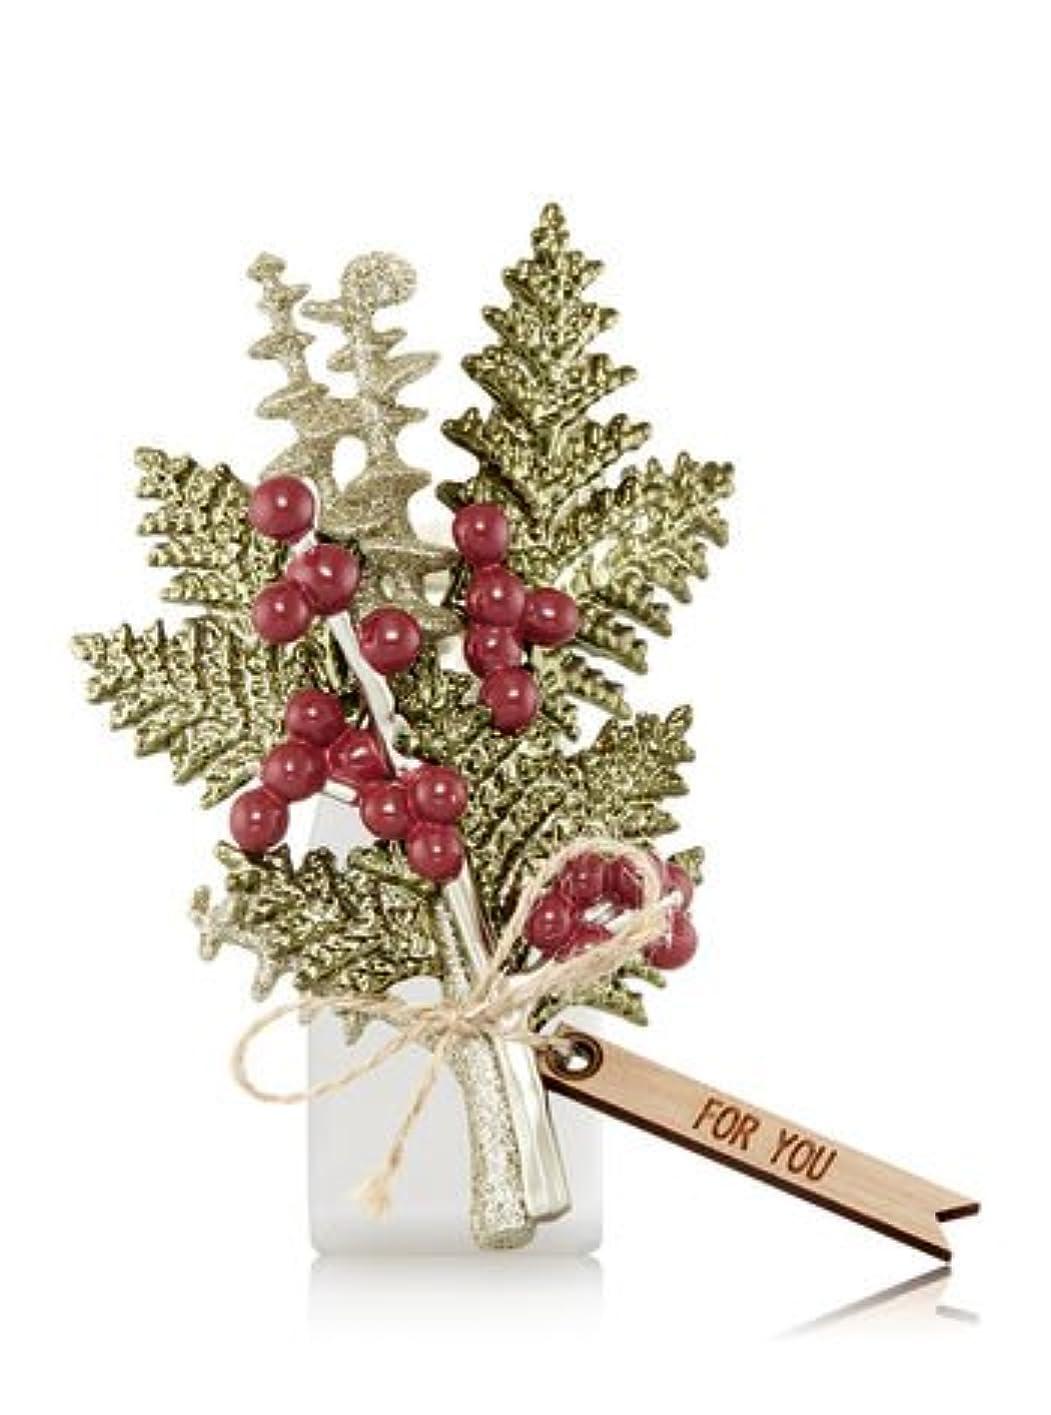 芝生侵略バケット【Bath&Body Works/バス&ボディワークス】 ルームフレグランス プラグインスターター (本体のみ) ウィンターボタニカル Wallflowers Fragrance Plug Winter Botanical [並行輸入品]